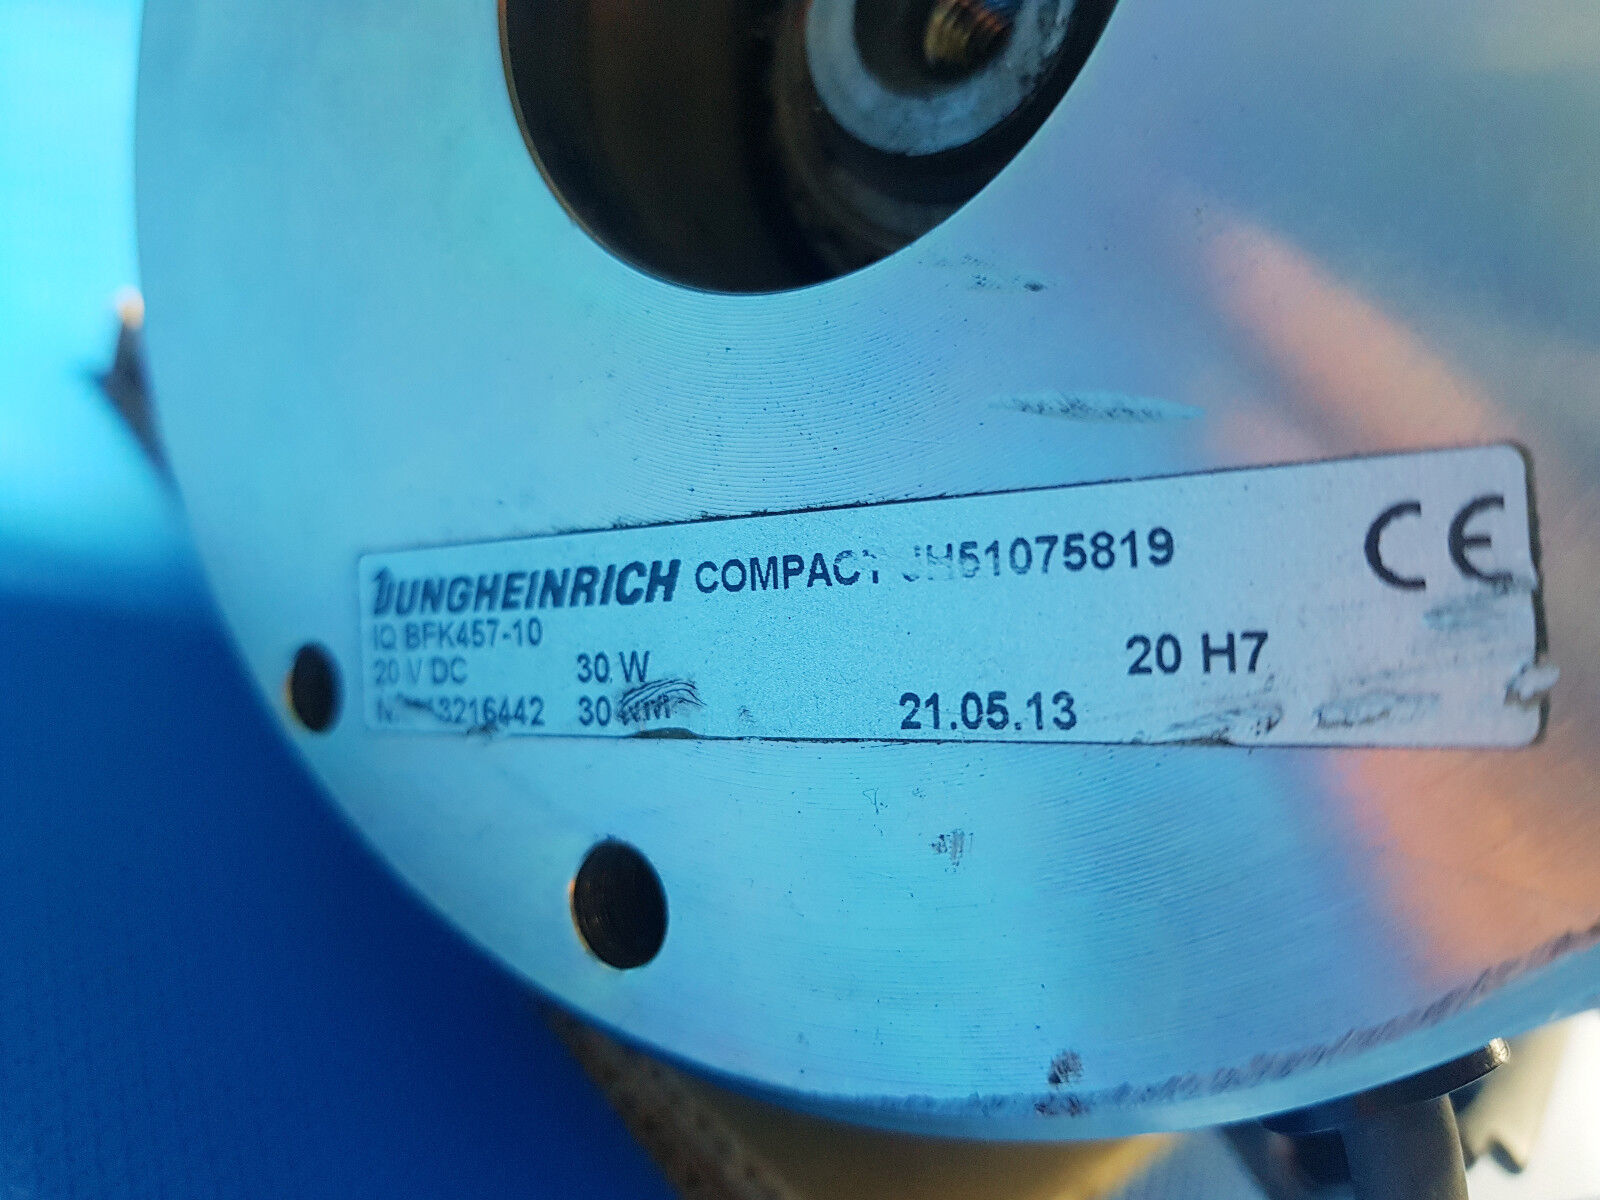 JUNGHEINRICH af4f6-b1-1 2,8 vitesses, Kw MOTEUR 140 a 51109507 avec boîte de vitesses, 2,8 Frein 51075819 e480c3